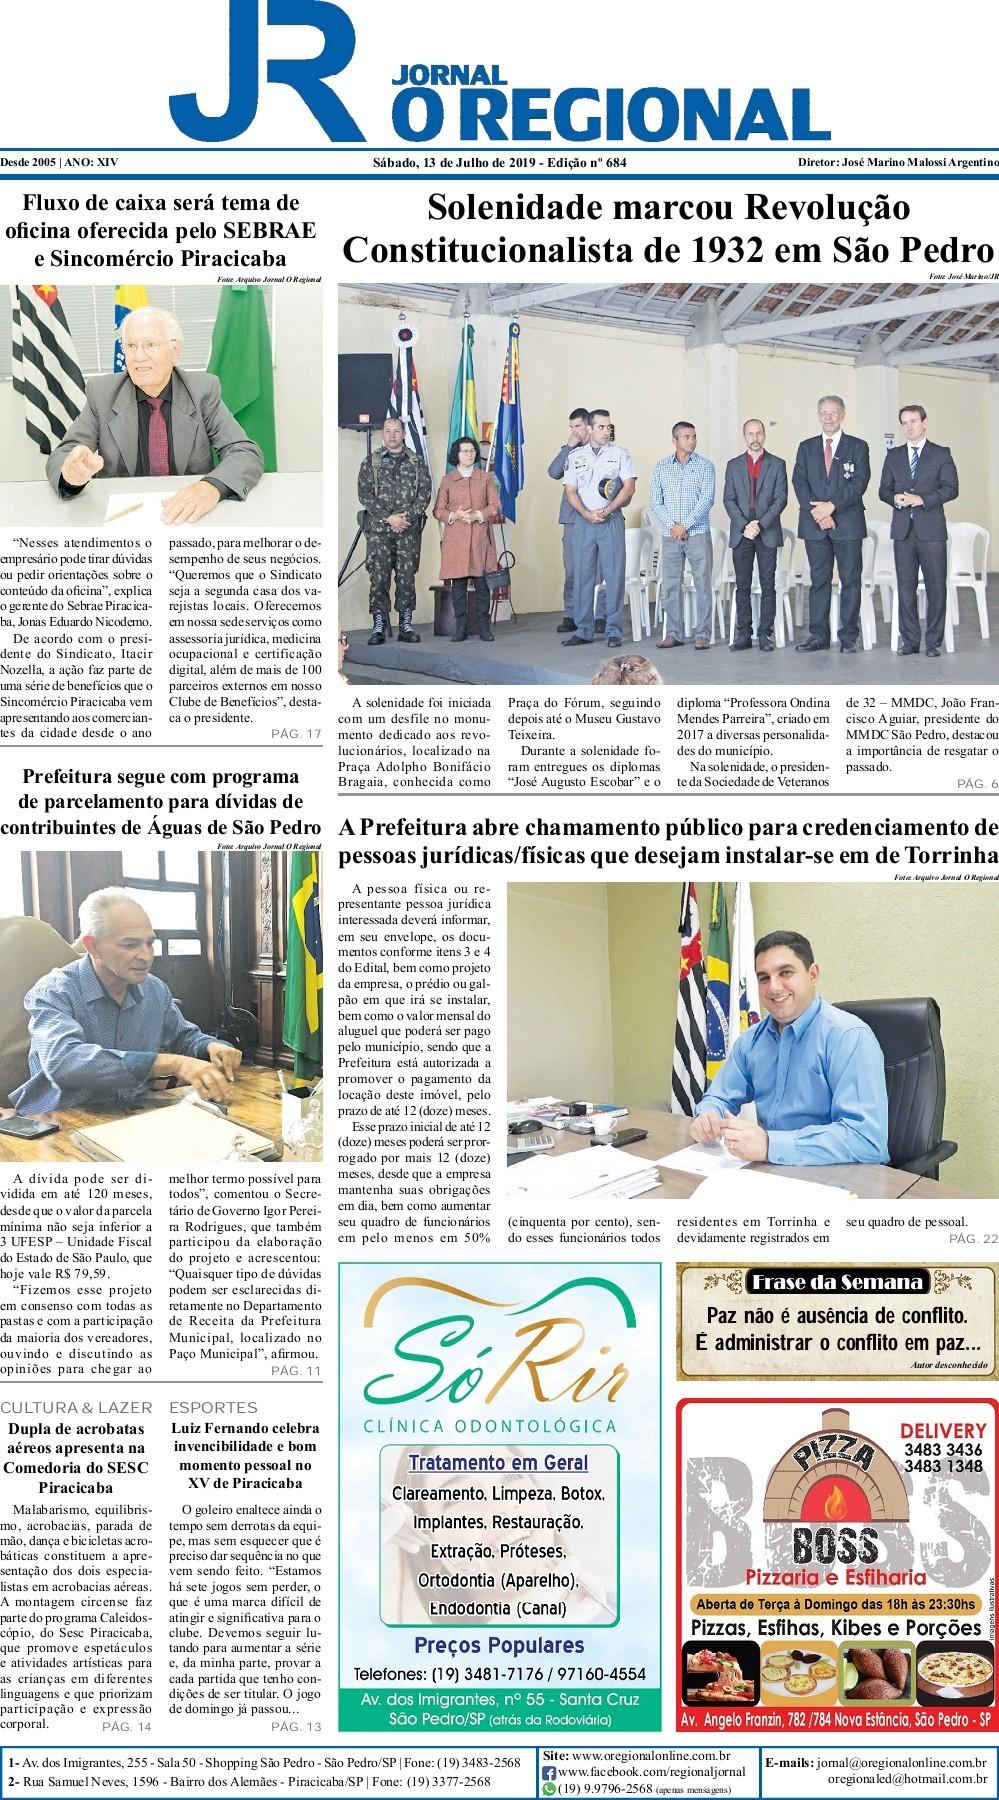 Agrada O Papai Que Tu Monta jornal o regional edição 684 13/07/2019-flip book pages 1-30